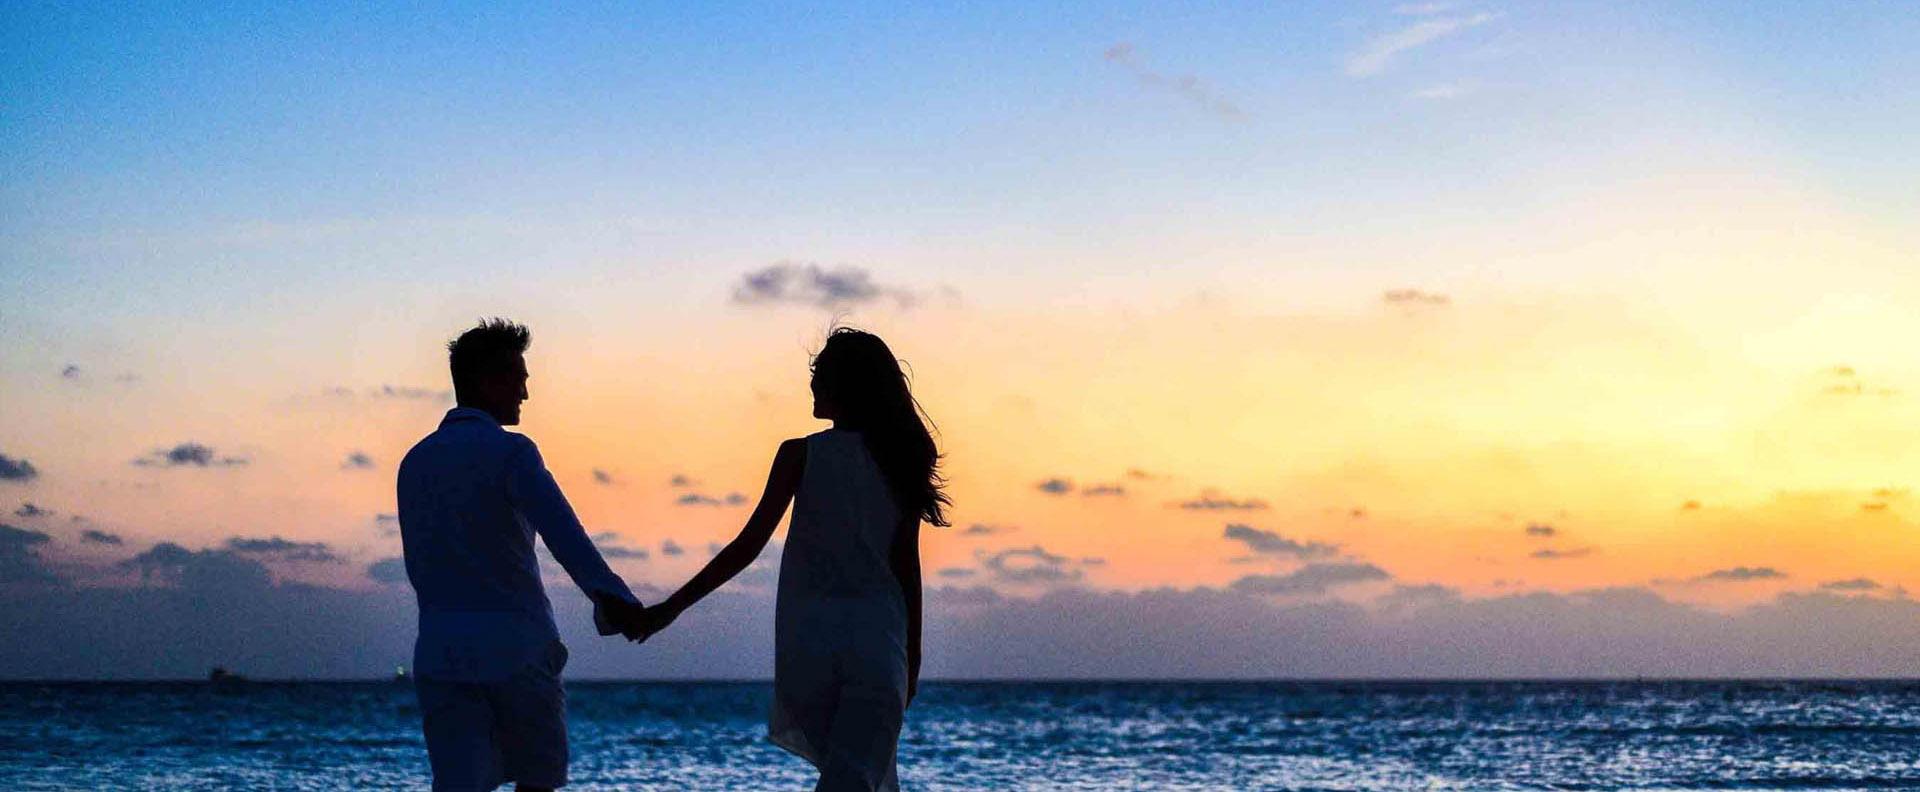 Kerala Honeymoon Packages, Kerala Honeymoon